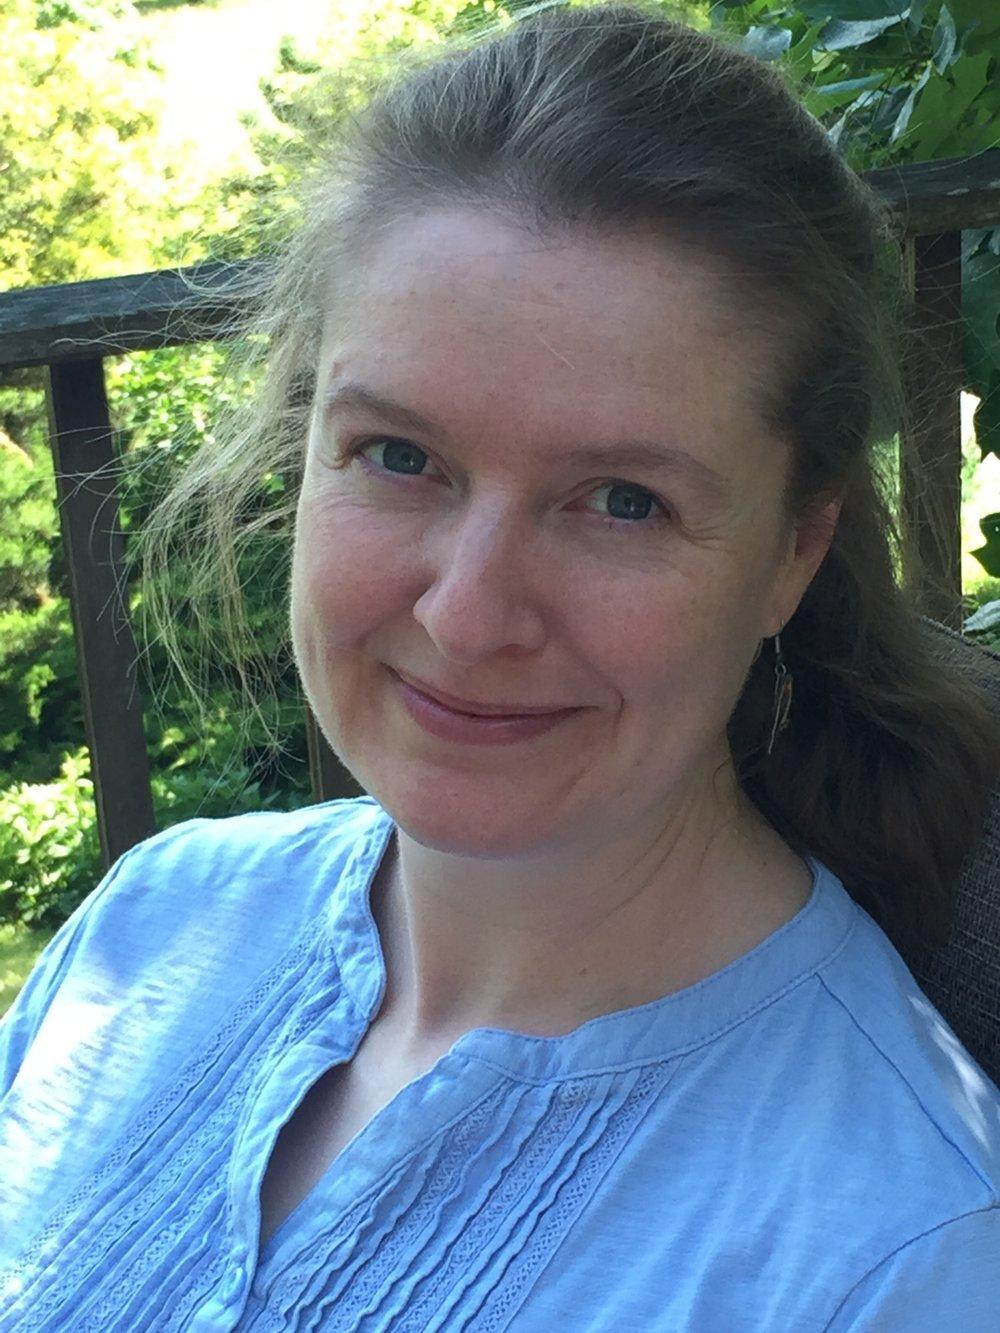 Emily Hancock